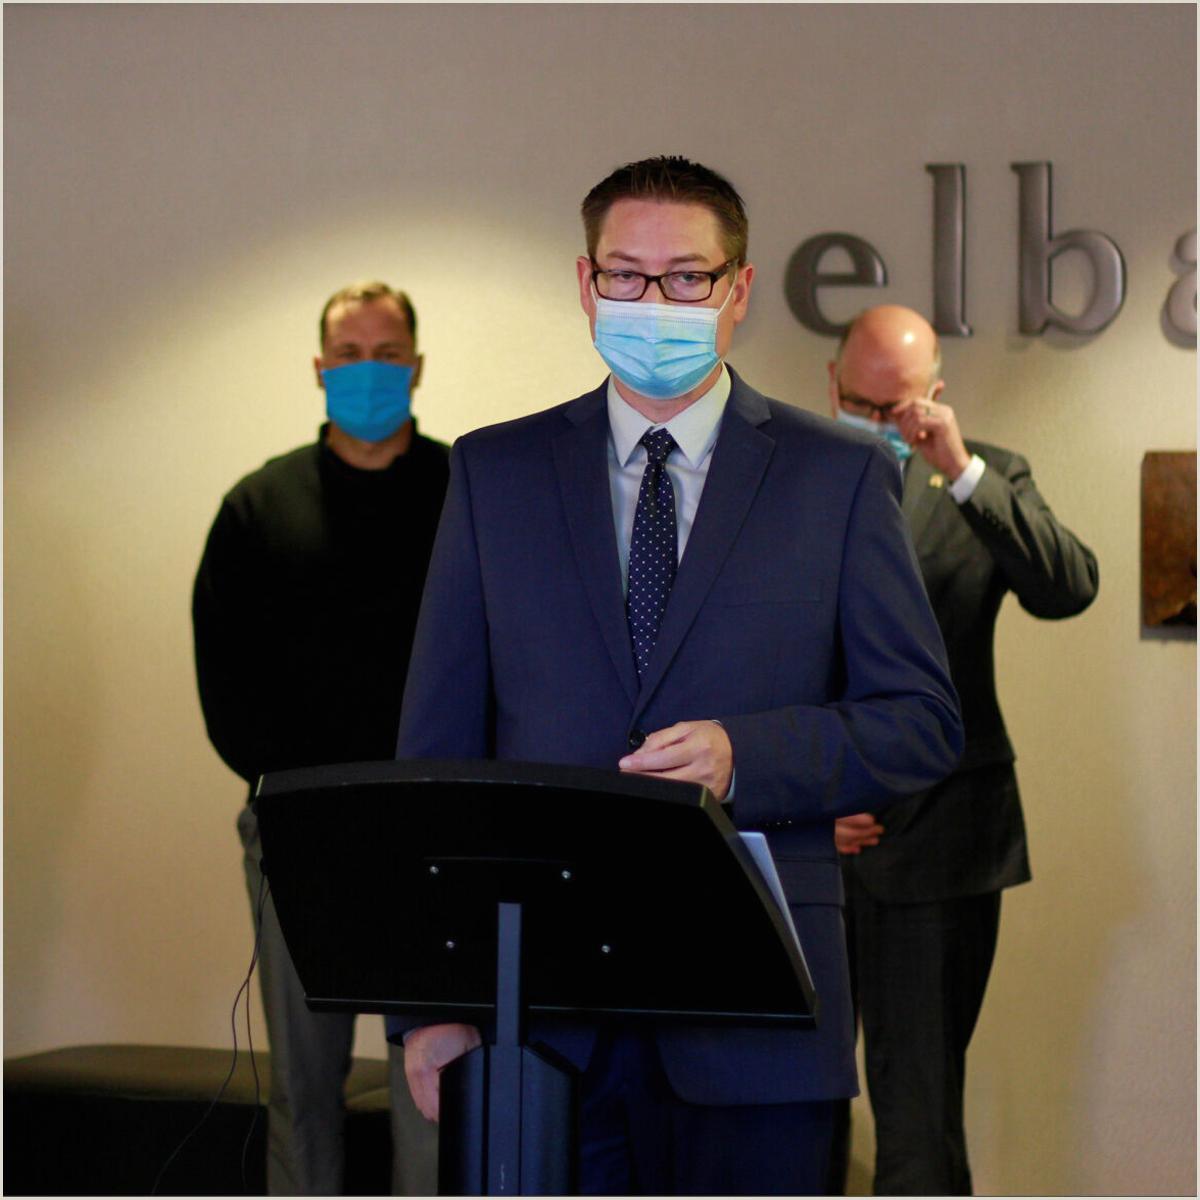 Partner Title On Business Card South Dakota Medical Groups Promote Masks Countering Noem